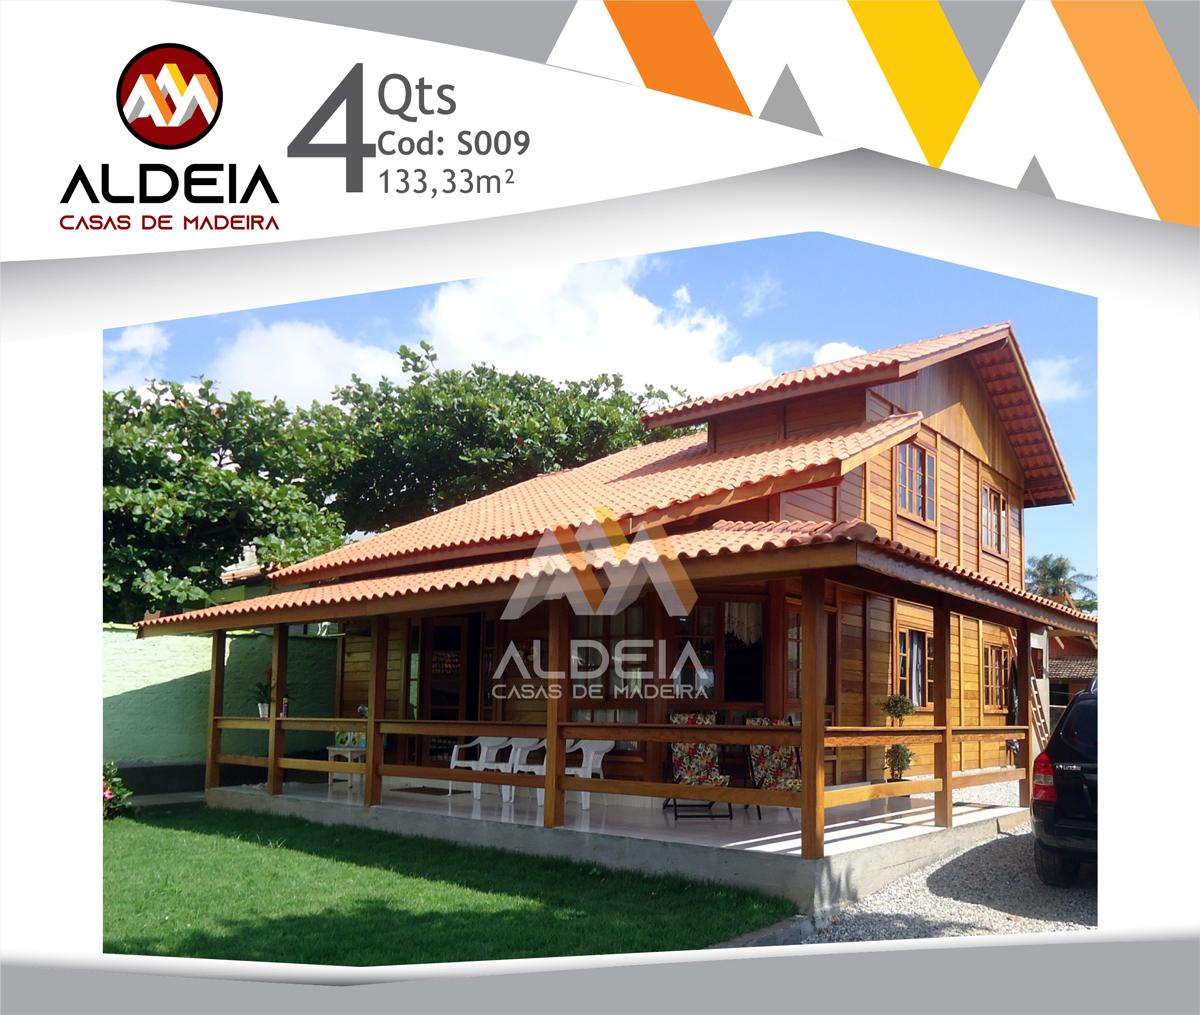 aldeia-casas-madeira-fachada-S009